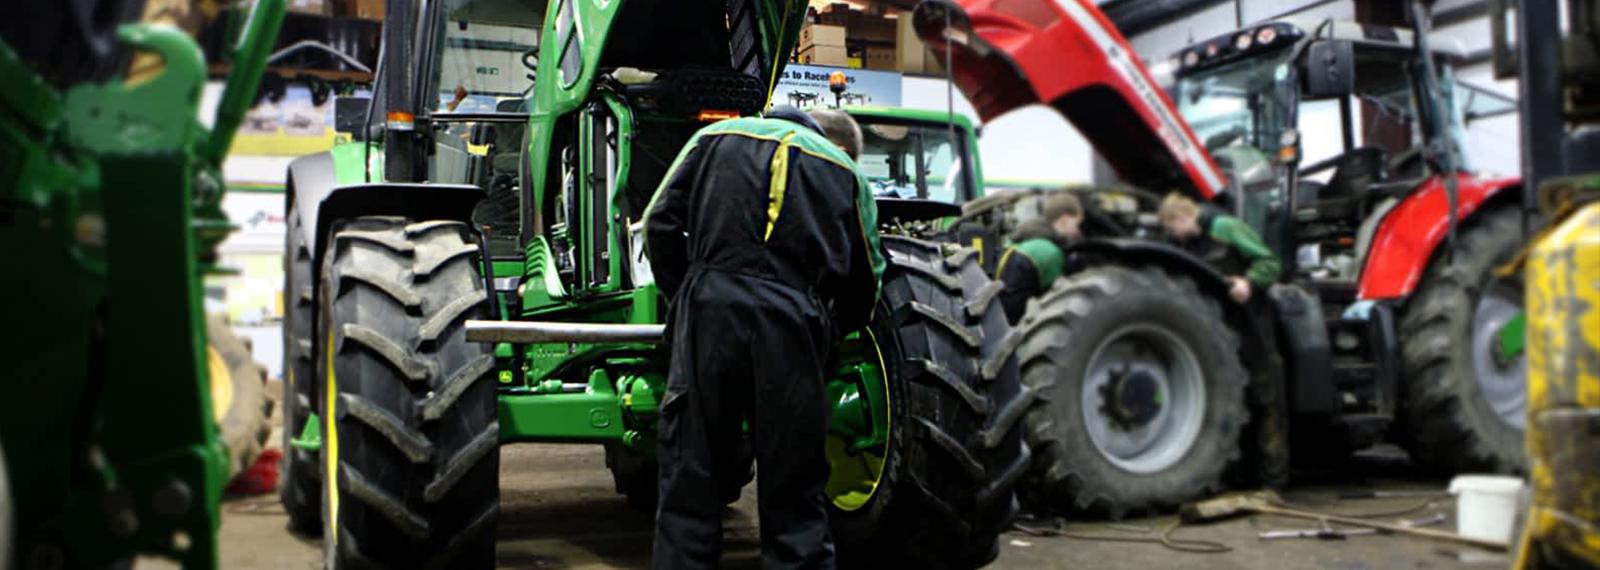 Course Image Entretien de la machinerie et équipements agricoles